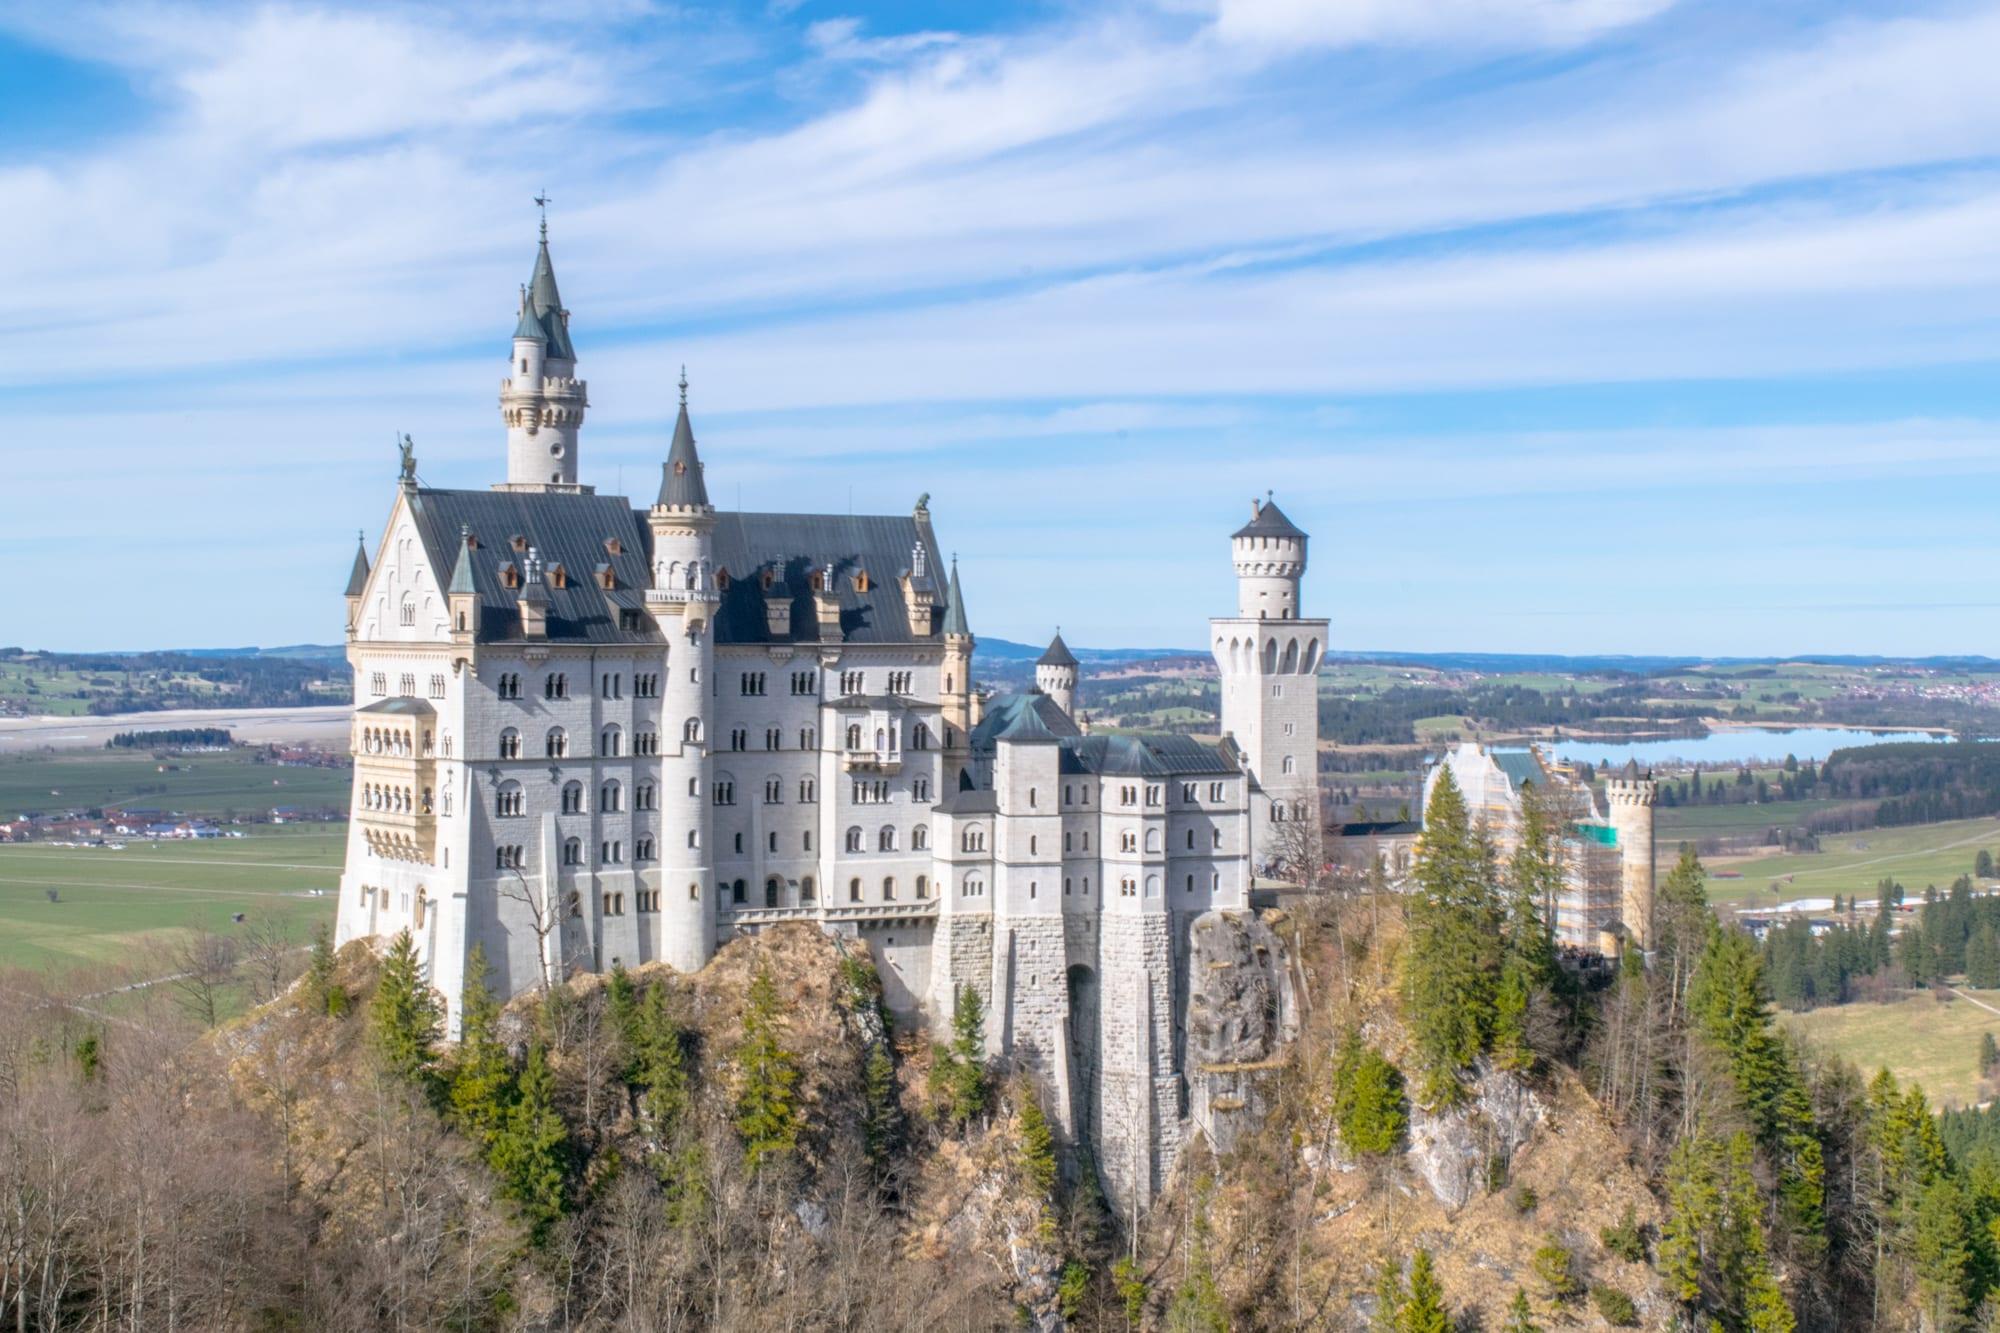 Munich to Neuschwanstein Castle Day Trip: View from Marienbrucke